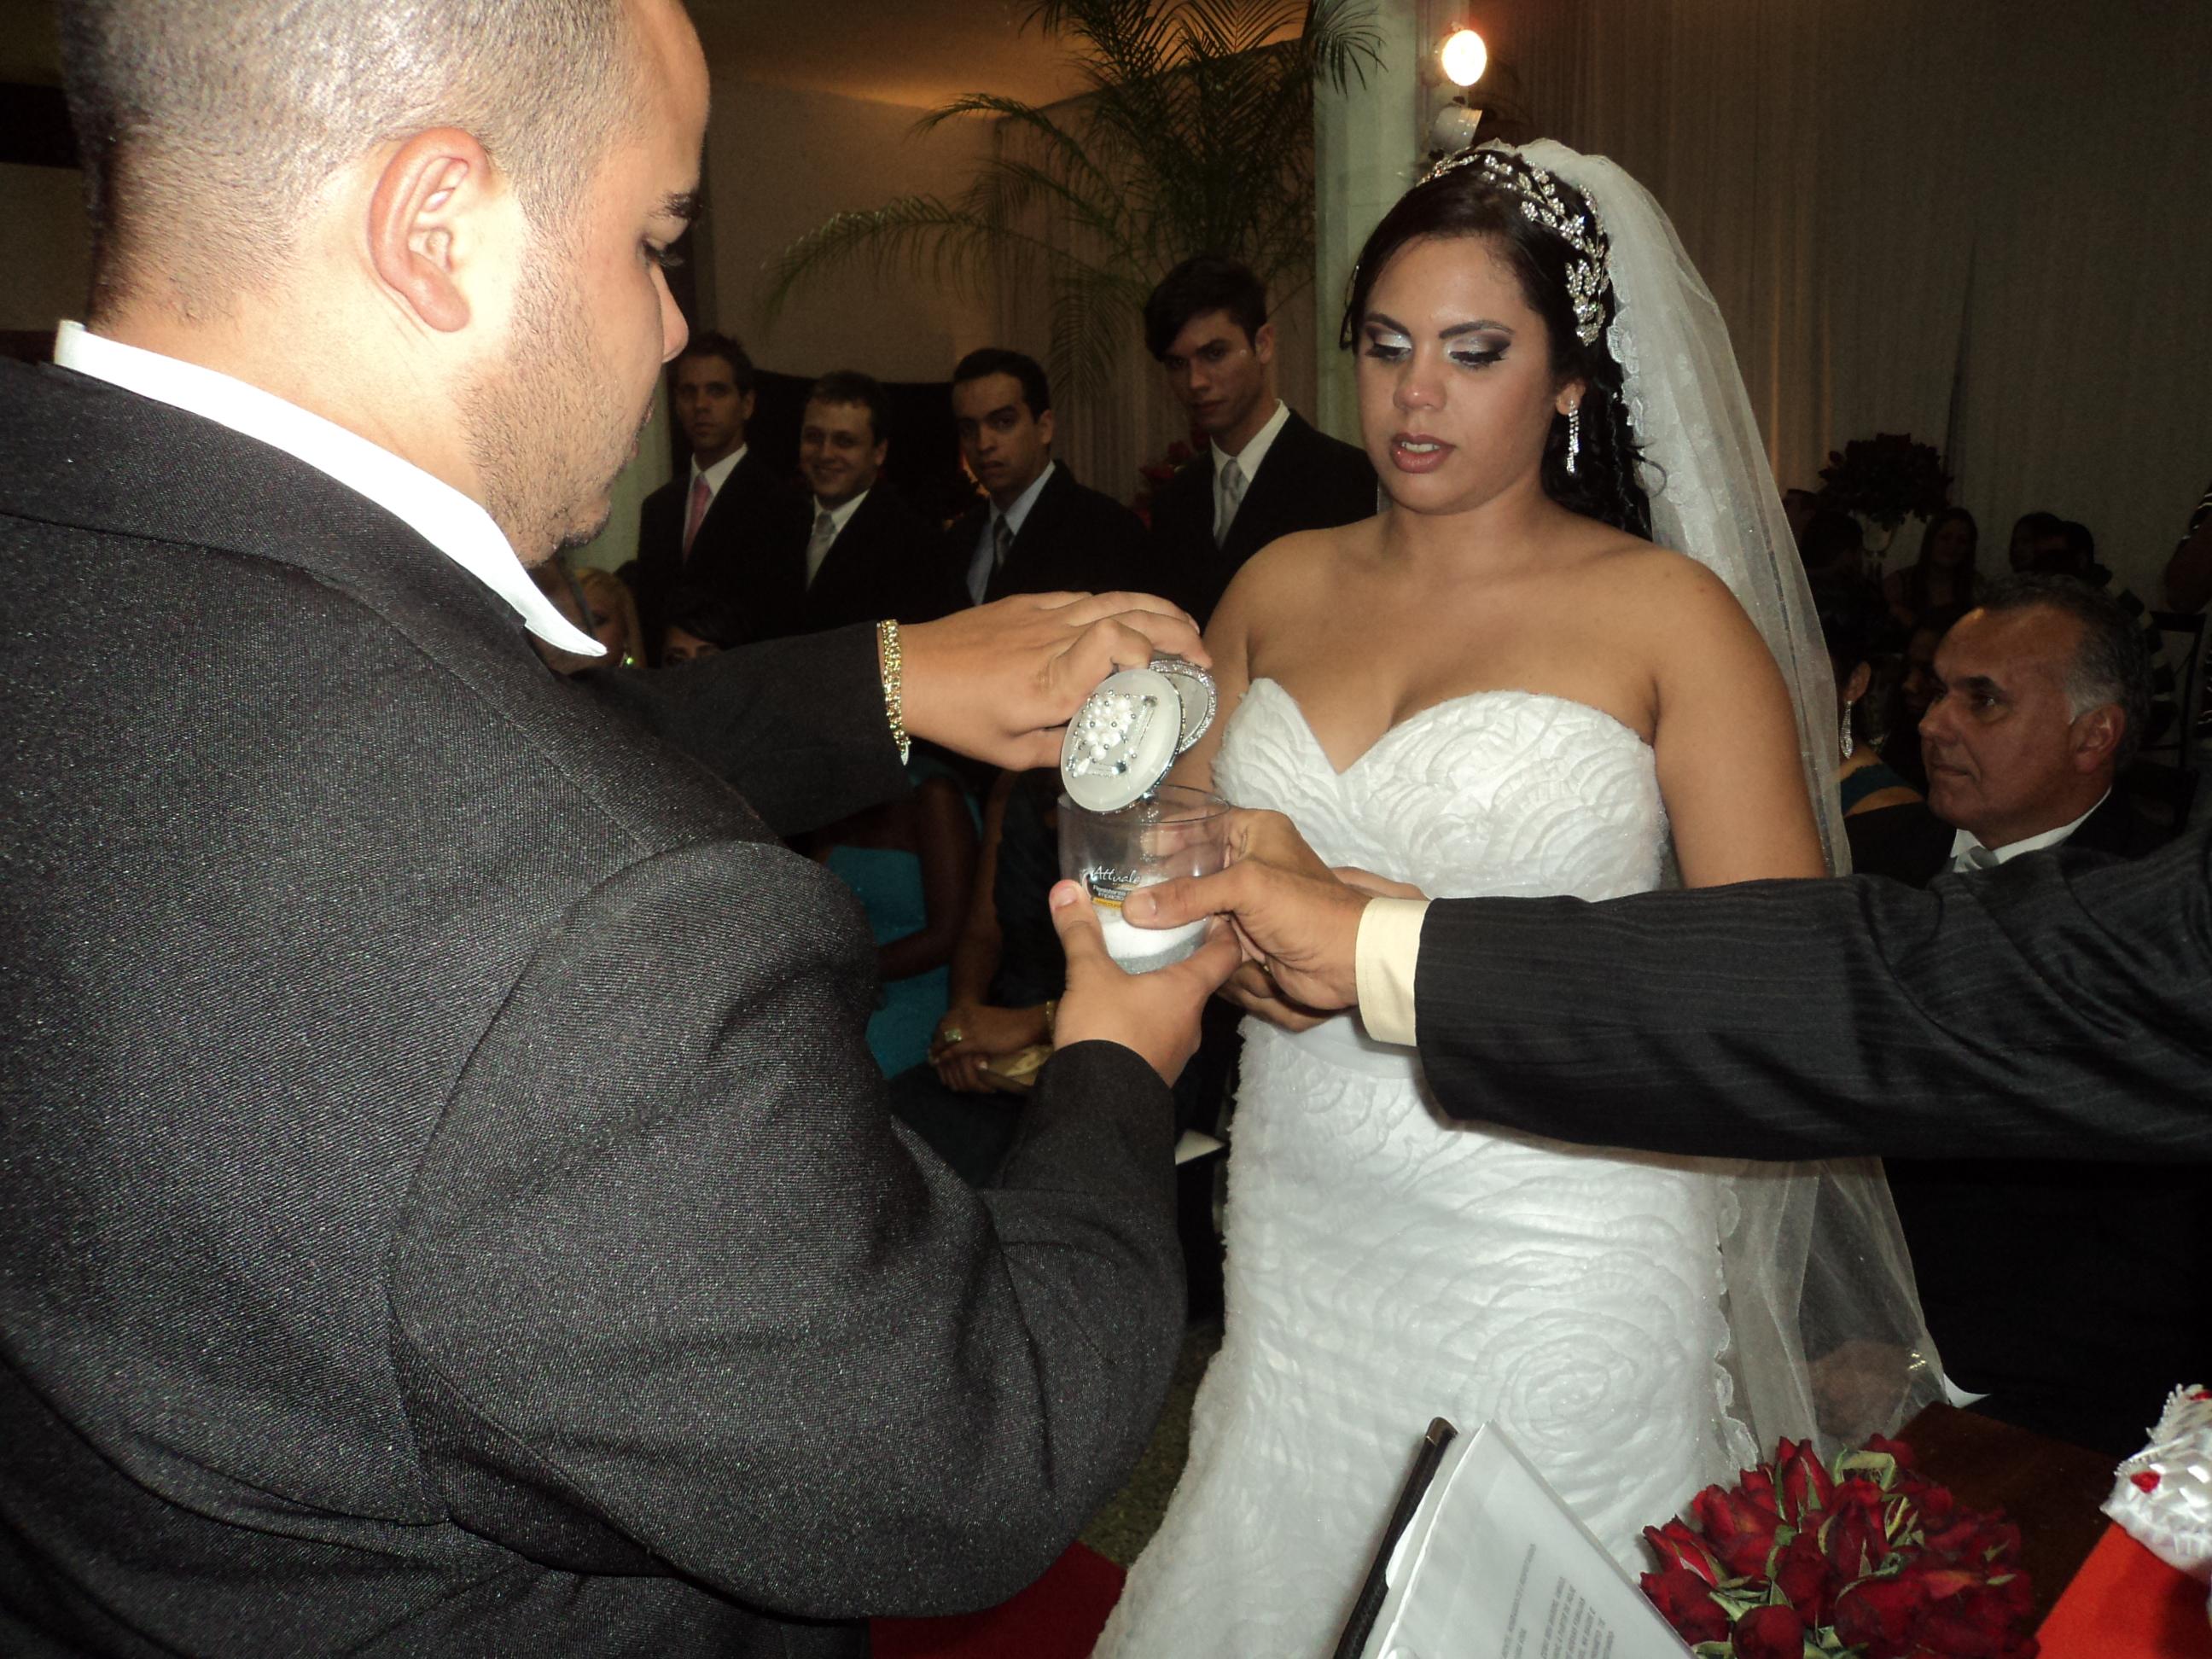 Fotos de alguns momentos do  casamento de Clayton e Bruna.